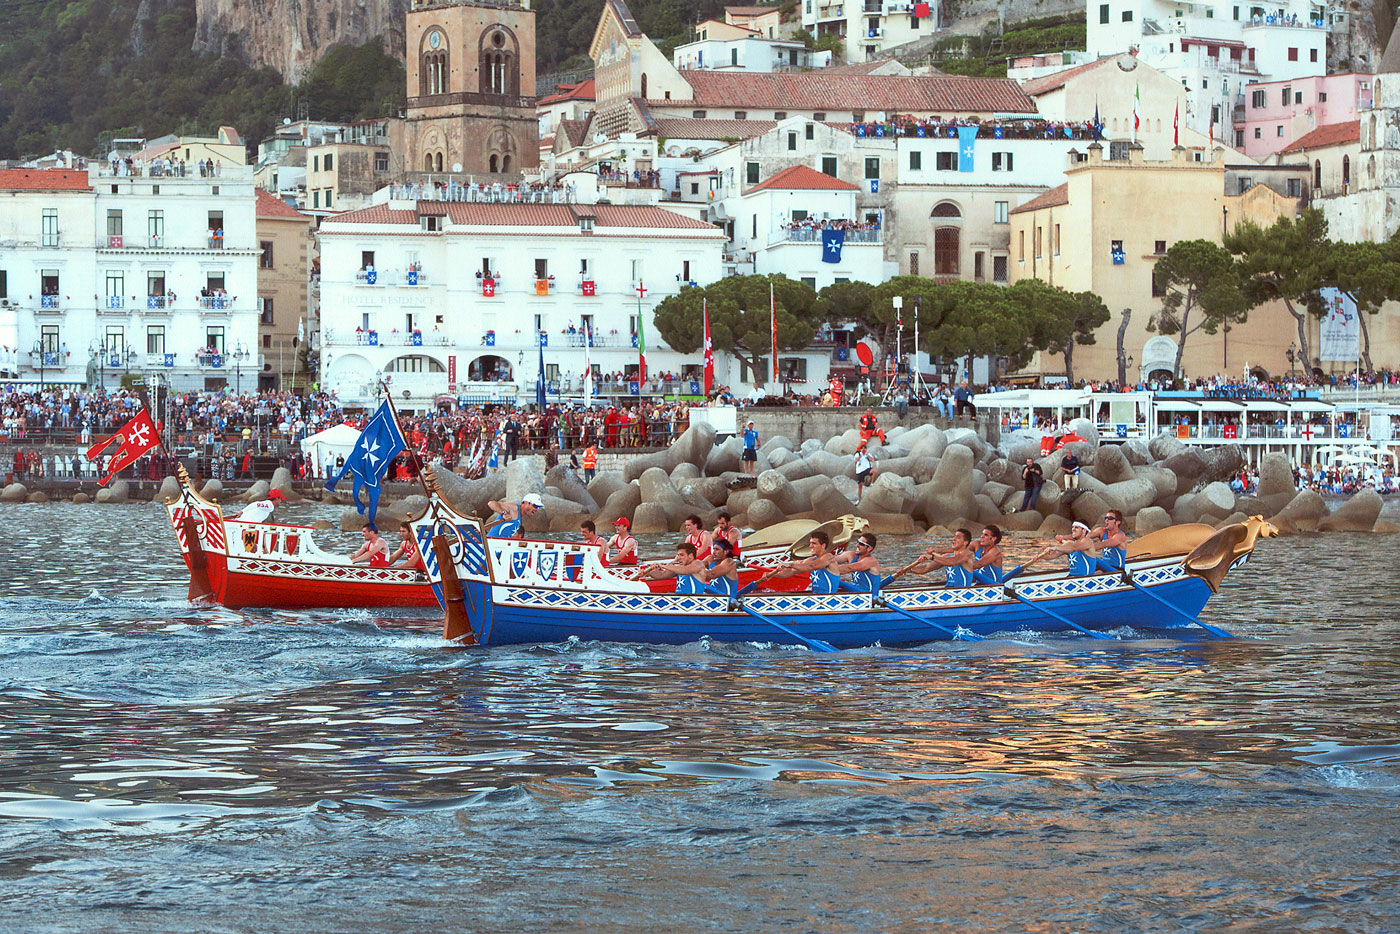 Regata delle antiche repubbliche marinare citt di - Farmacie di turno comune bagno a ripoli ...